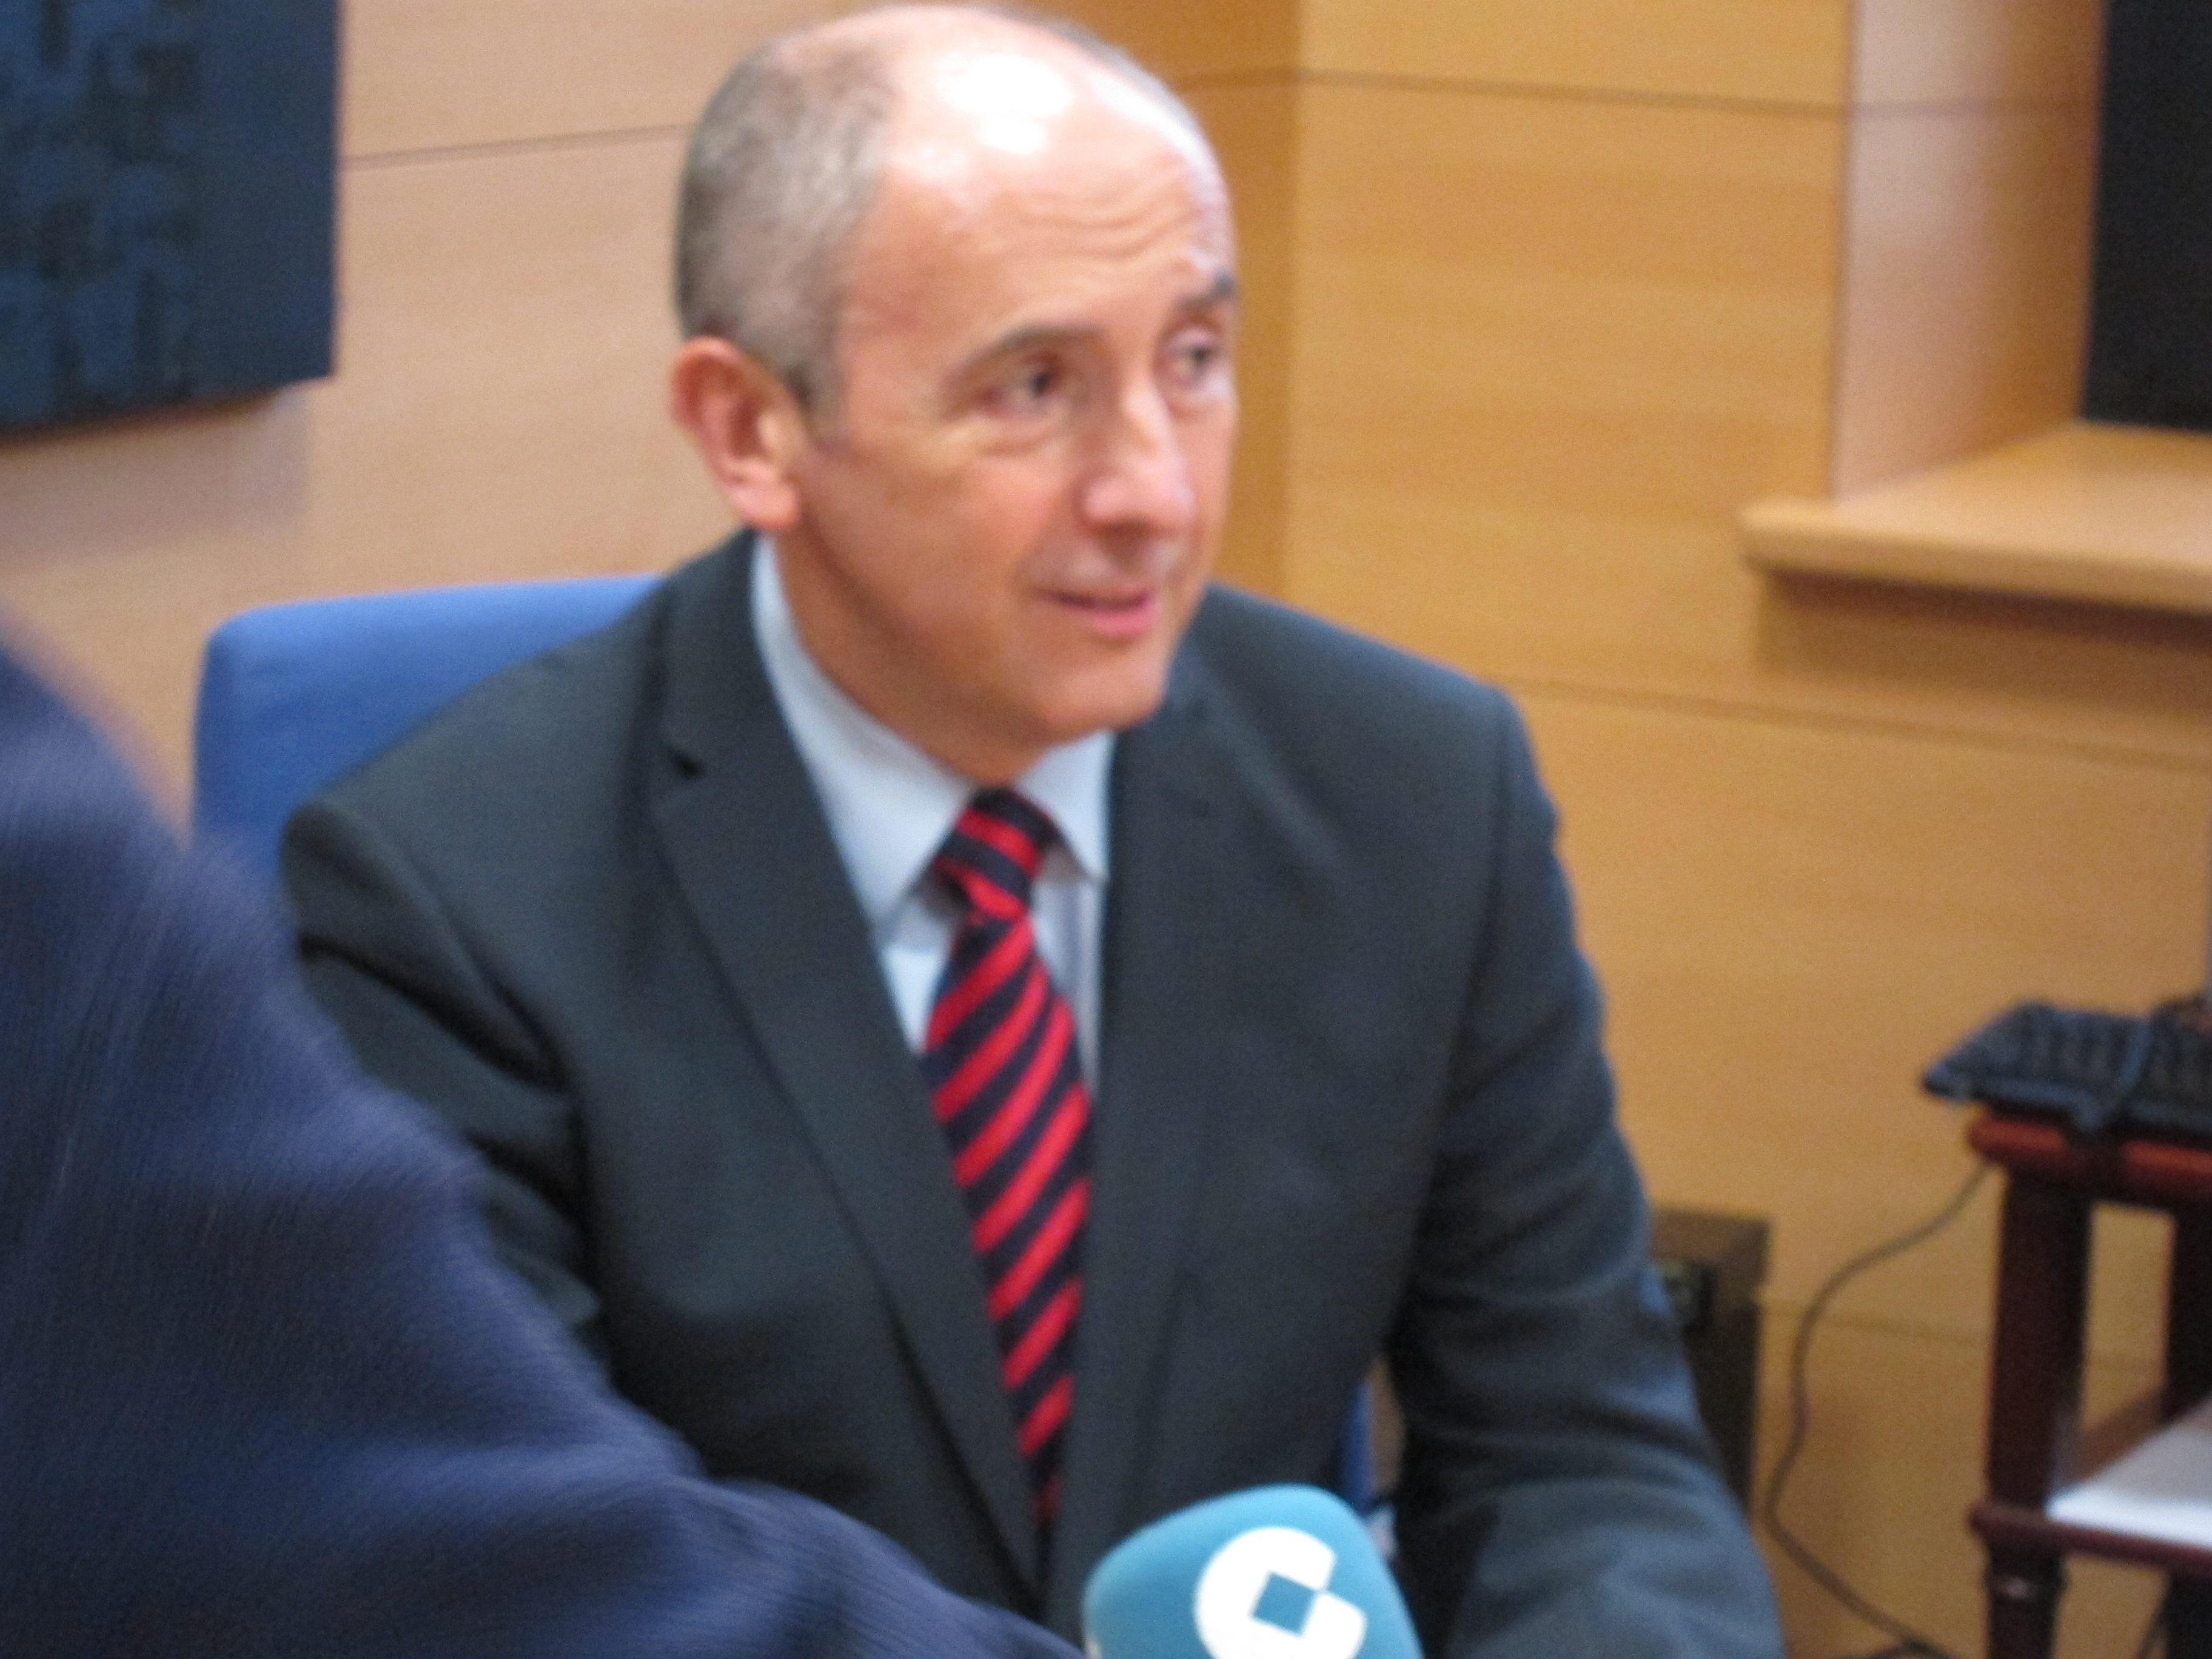 Gobierno vasco dice que los datos son «un acicate» para mantener su actitud de «responsabilidad»